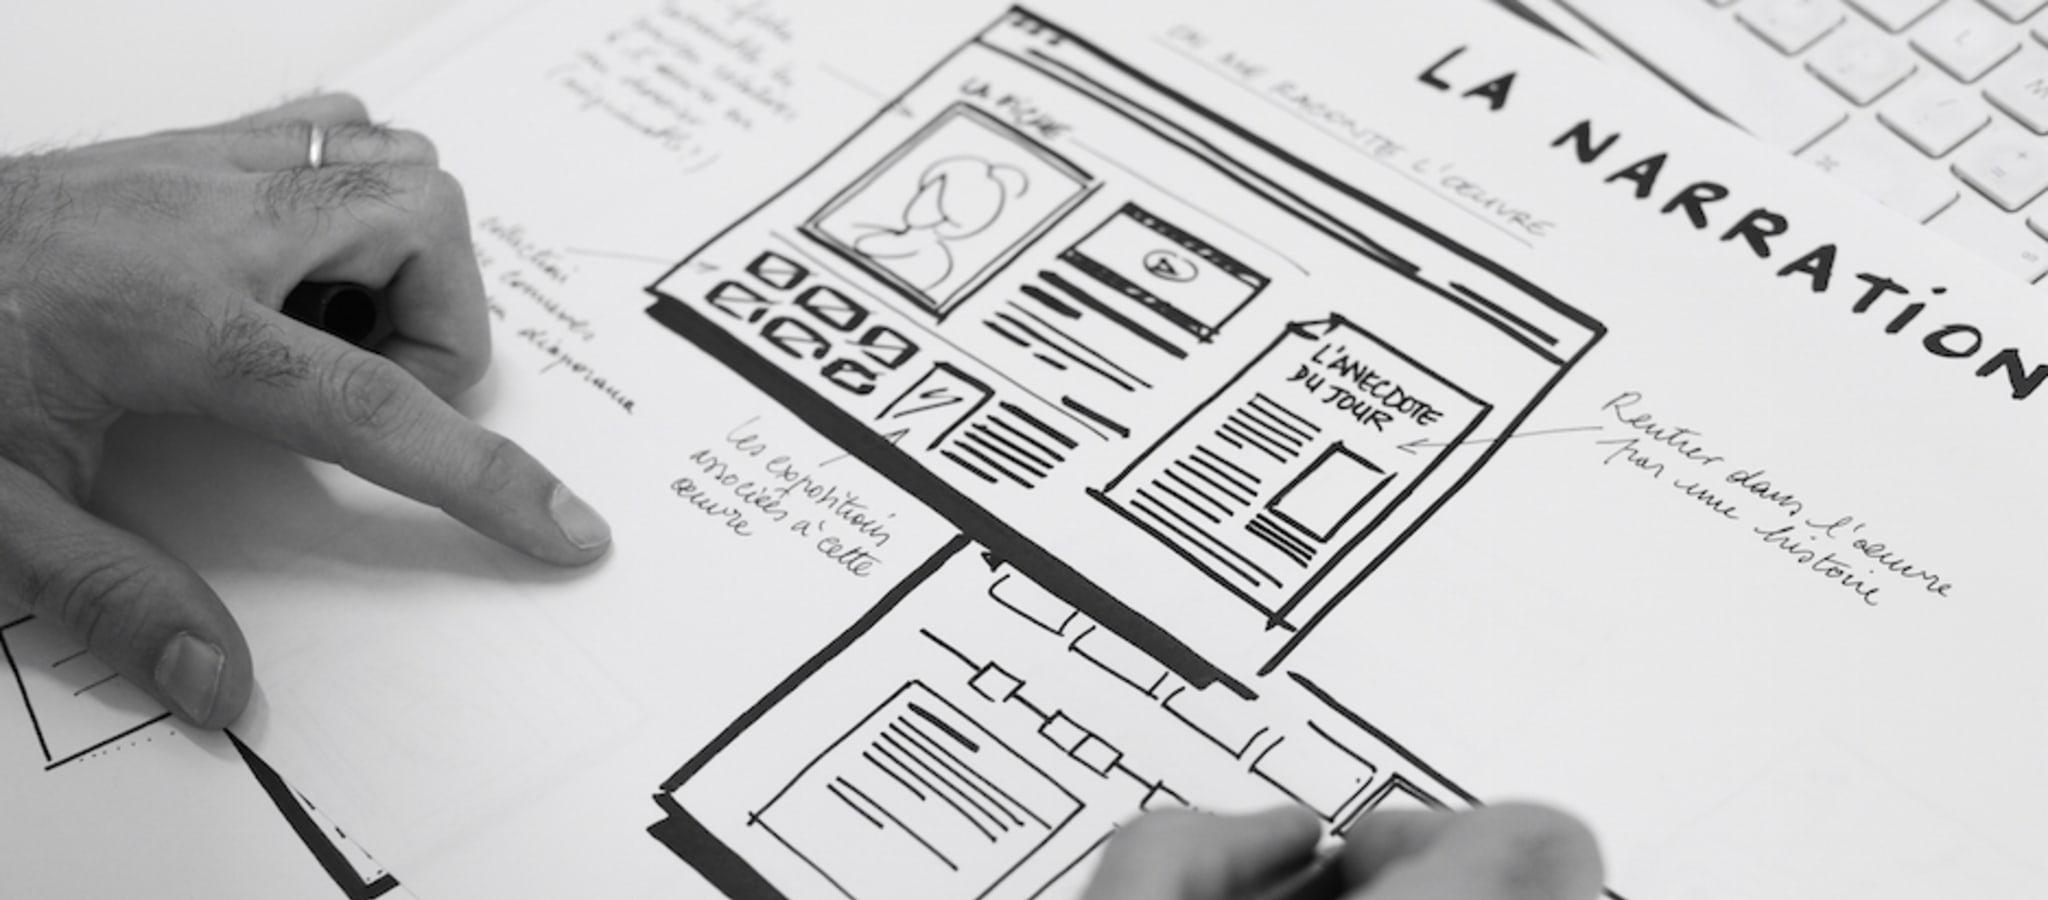 Pour imaginer le futur service, différentes pistes fonctionnelles ou créatives sont explorées par l'équipe